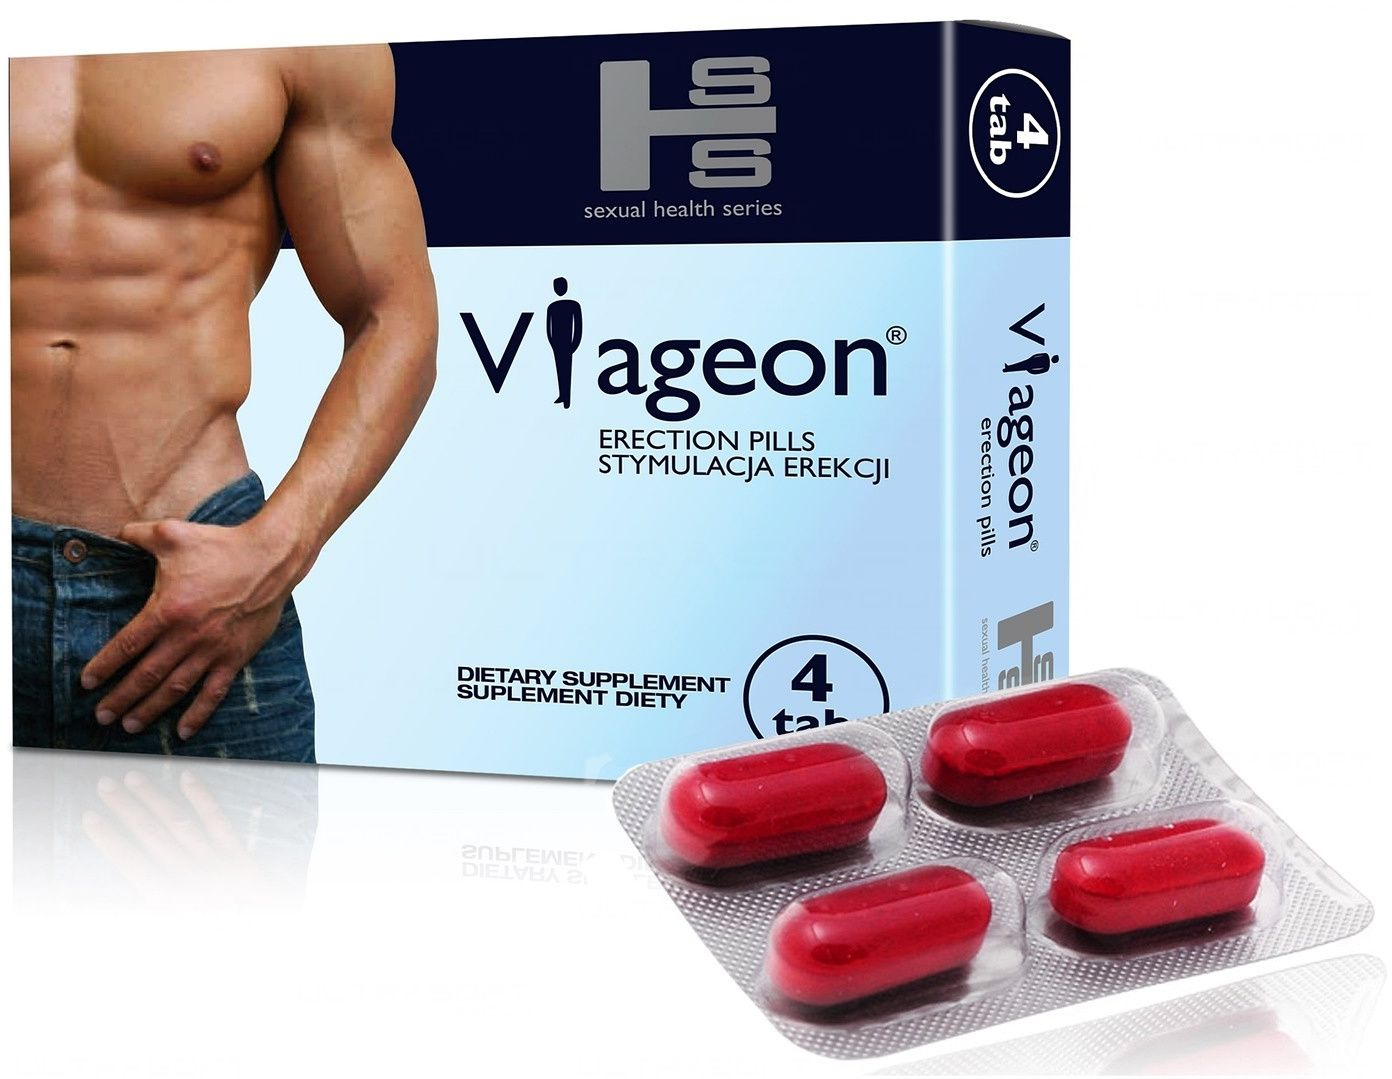 Viageon tabletki wzmacniające erekcje potencję